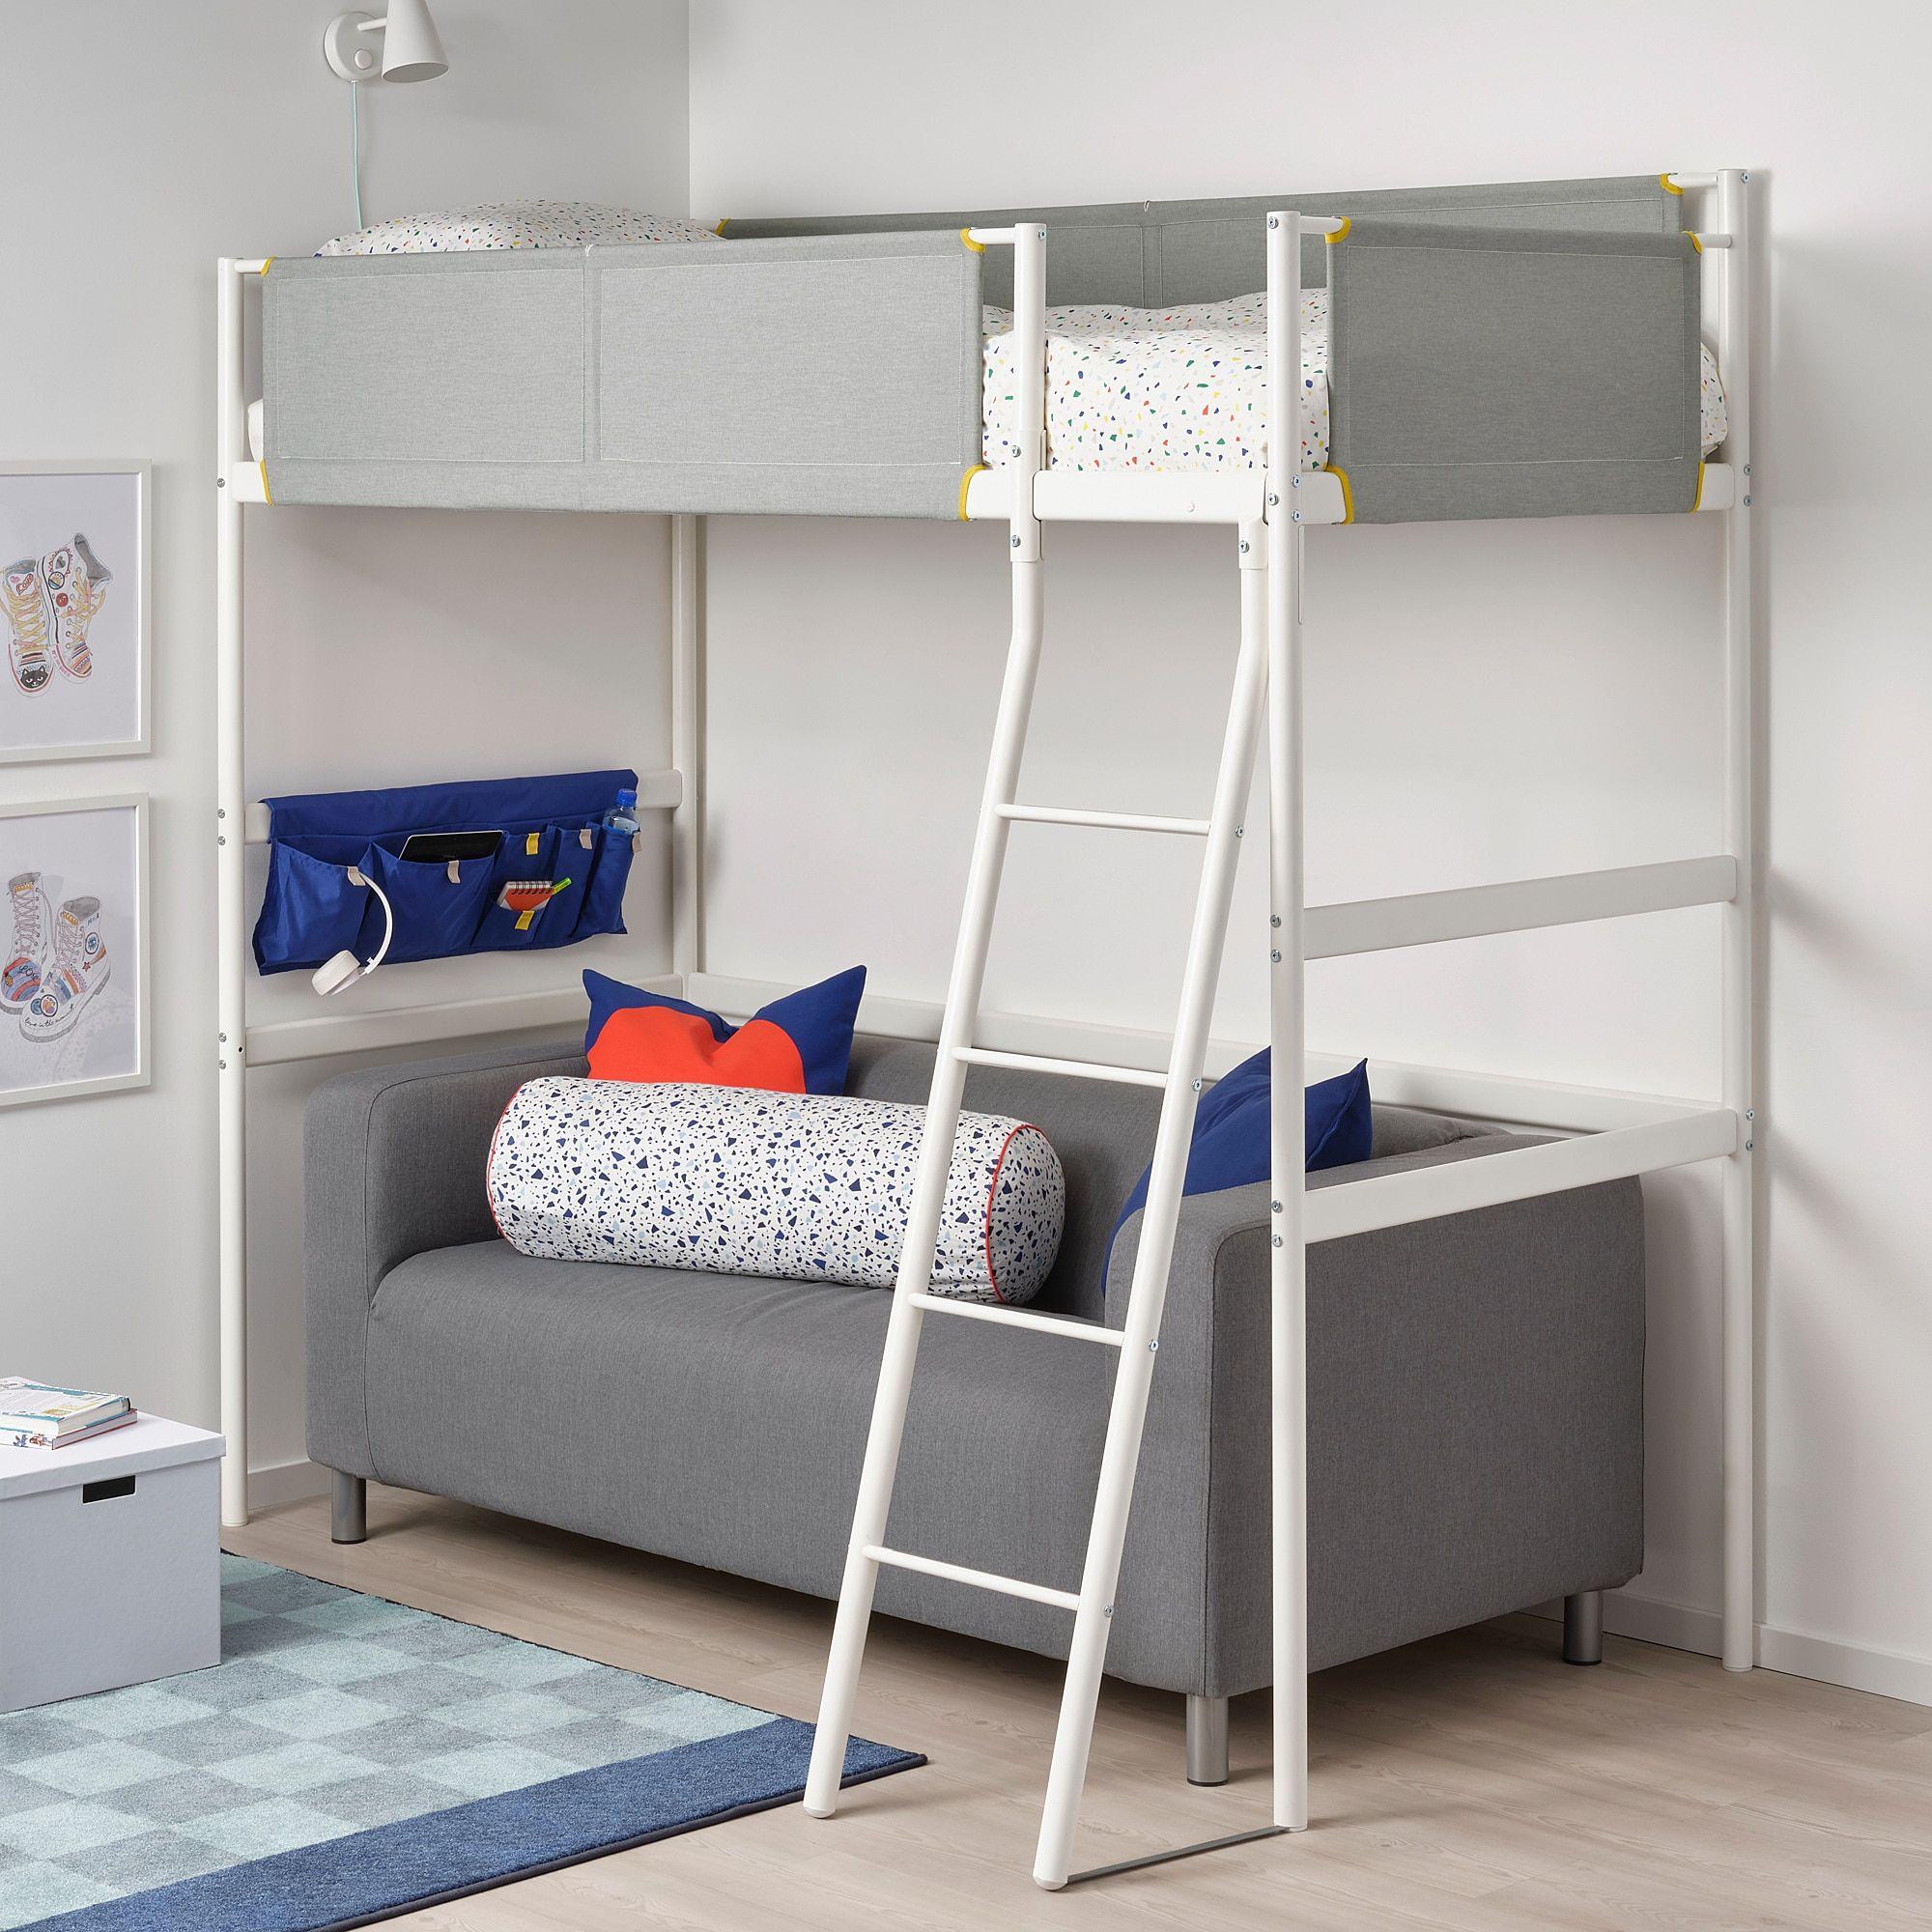 IKEA VITVAL Loft bed frame white/light gray in 2020